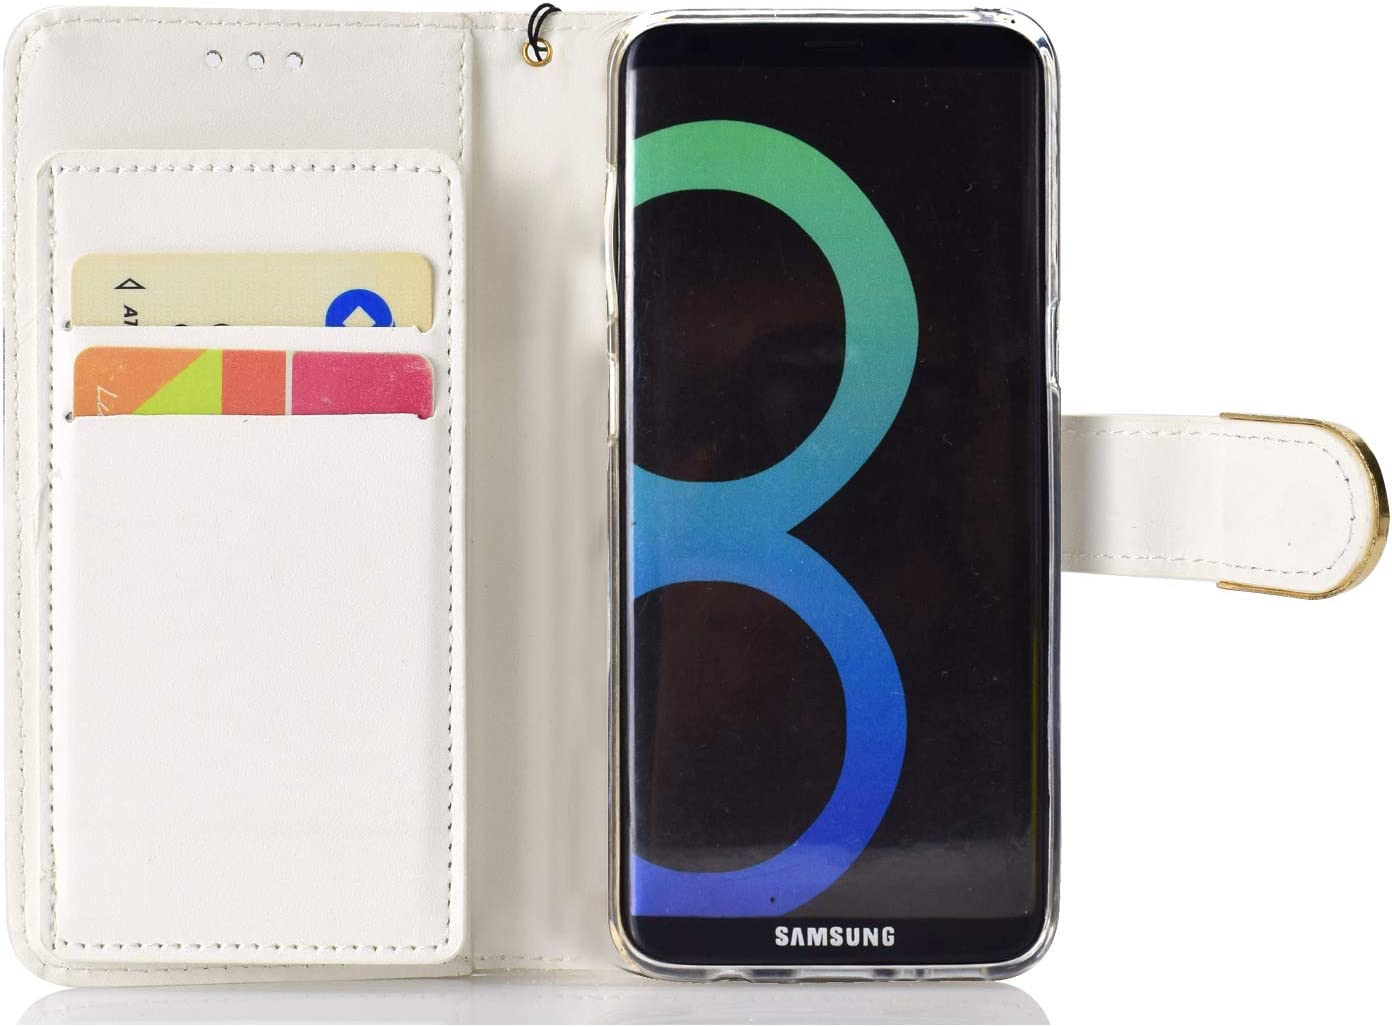 Glitzer Diamant Schnalle Ledertasche WIWJ Kompatibel mit Samsung Galaxy S8 Plus H/ülle,Premium Tasche Cover Flip Case Lederh/ülle Schutzh/ülle Handyh/üllen f/ür Samsung Galaxy S8 Plus-Wei/ß